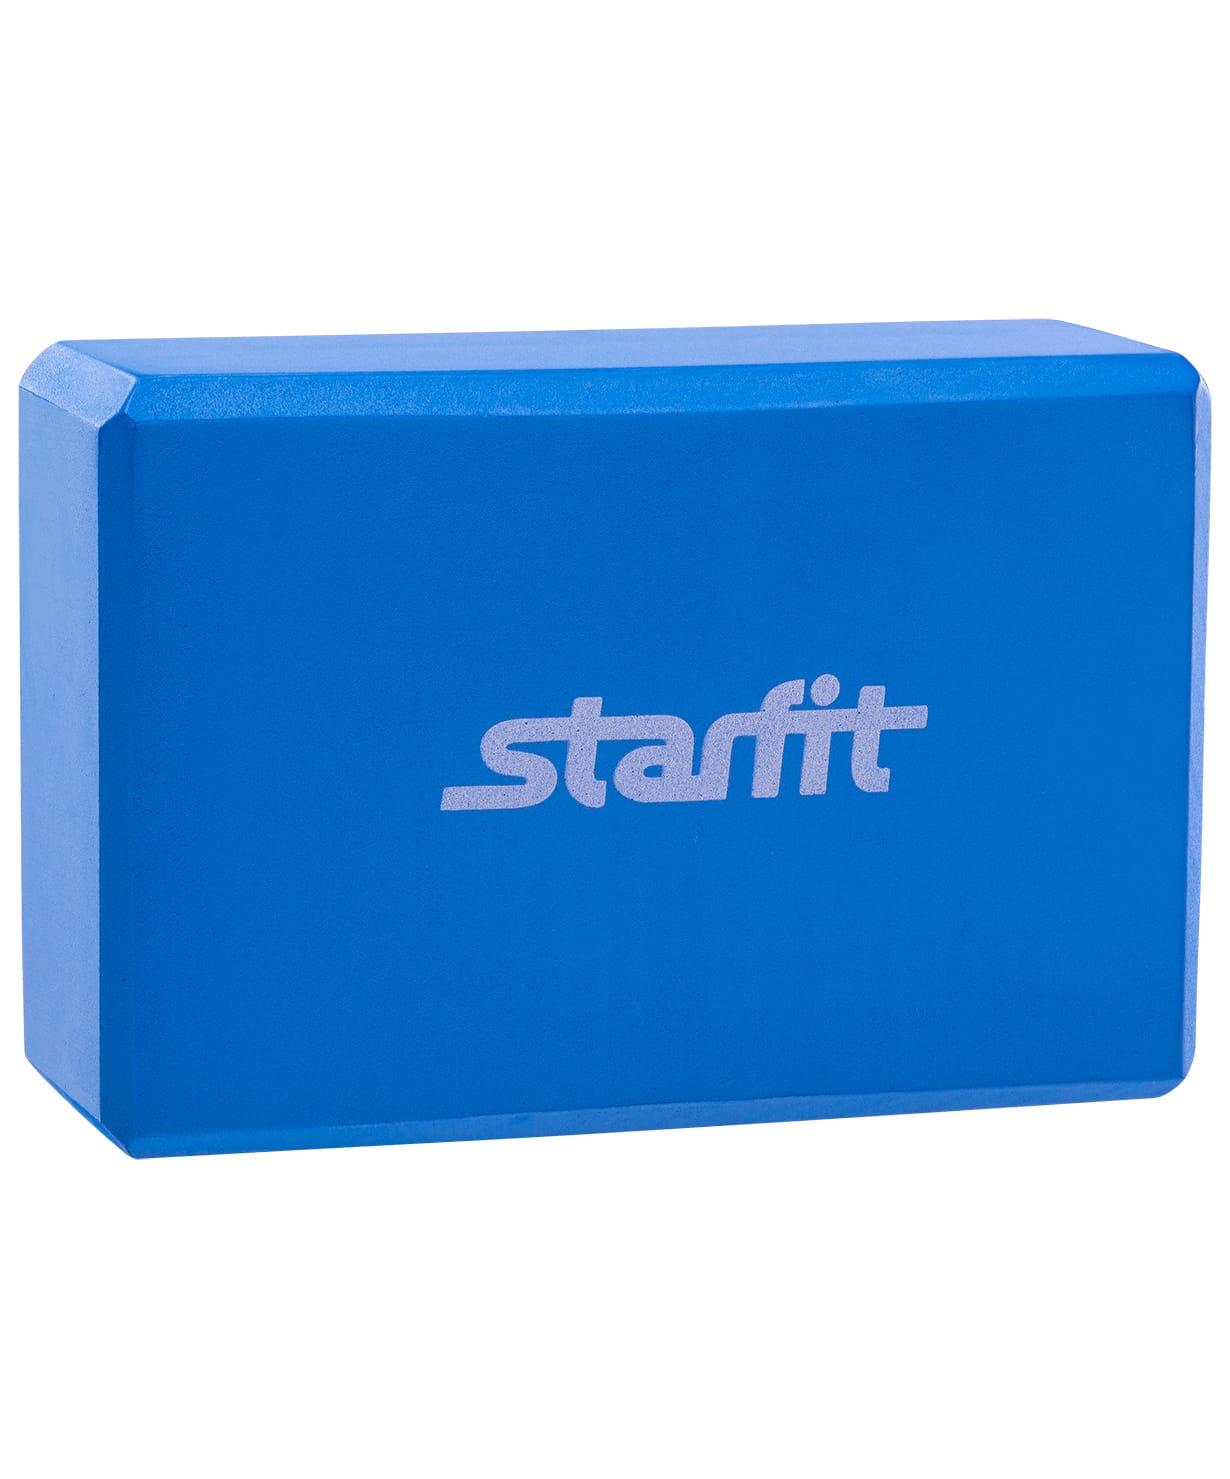 Блок для йоги Starfit FA-101 EVA синий блок для йоги star из eva 0 3 кг 7 8 см 22 5 см фиолетовый 15 см